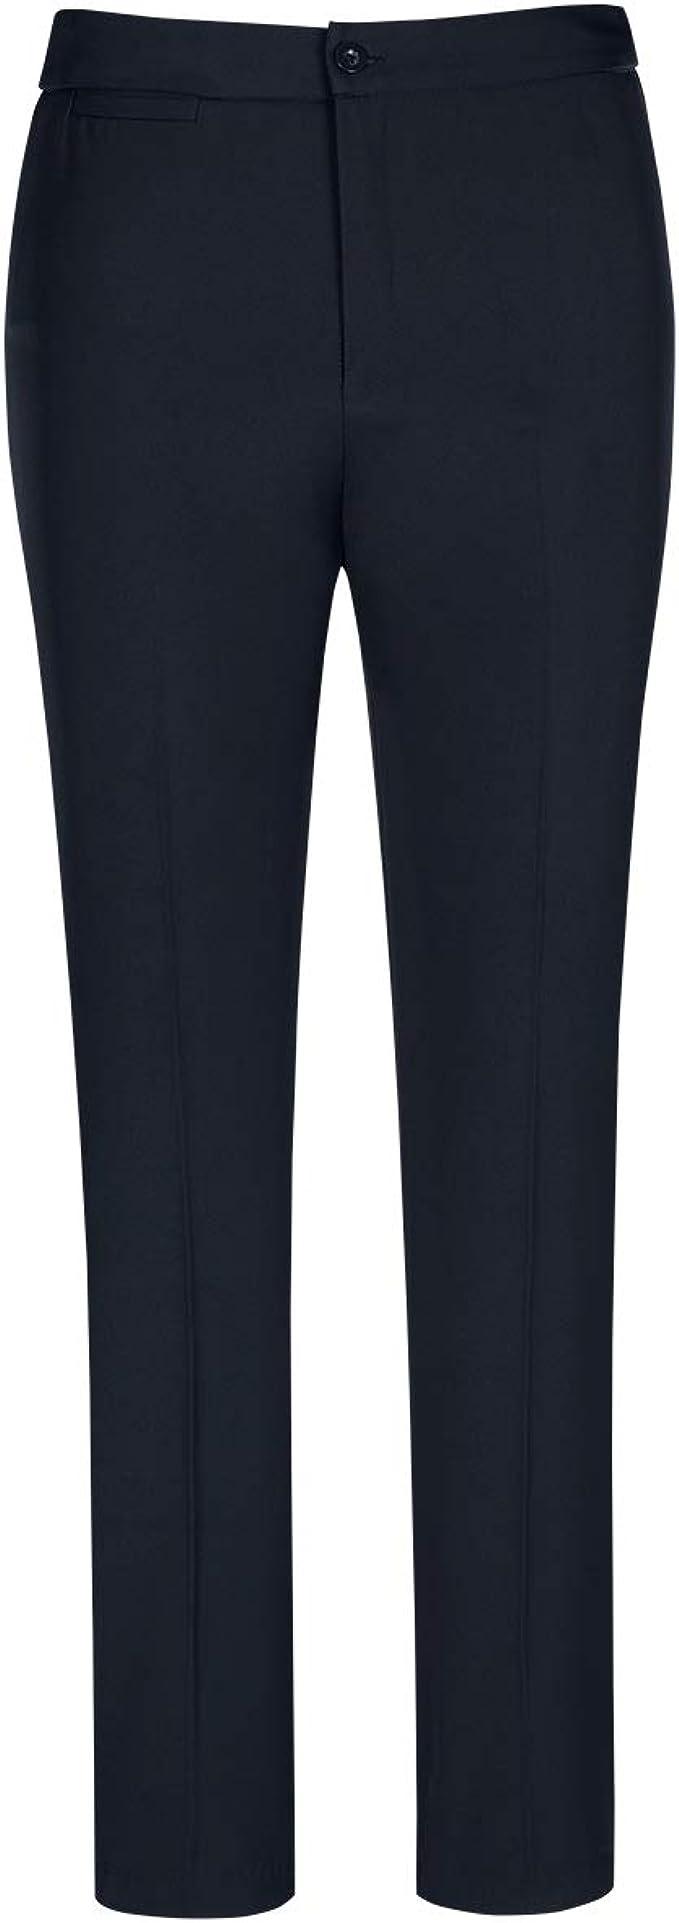 Conjunto de traje de mujer para negocios corte ajustado con pantalones elegantes para la oficina o la boda YYNUDA